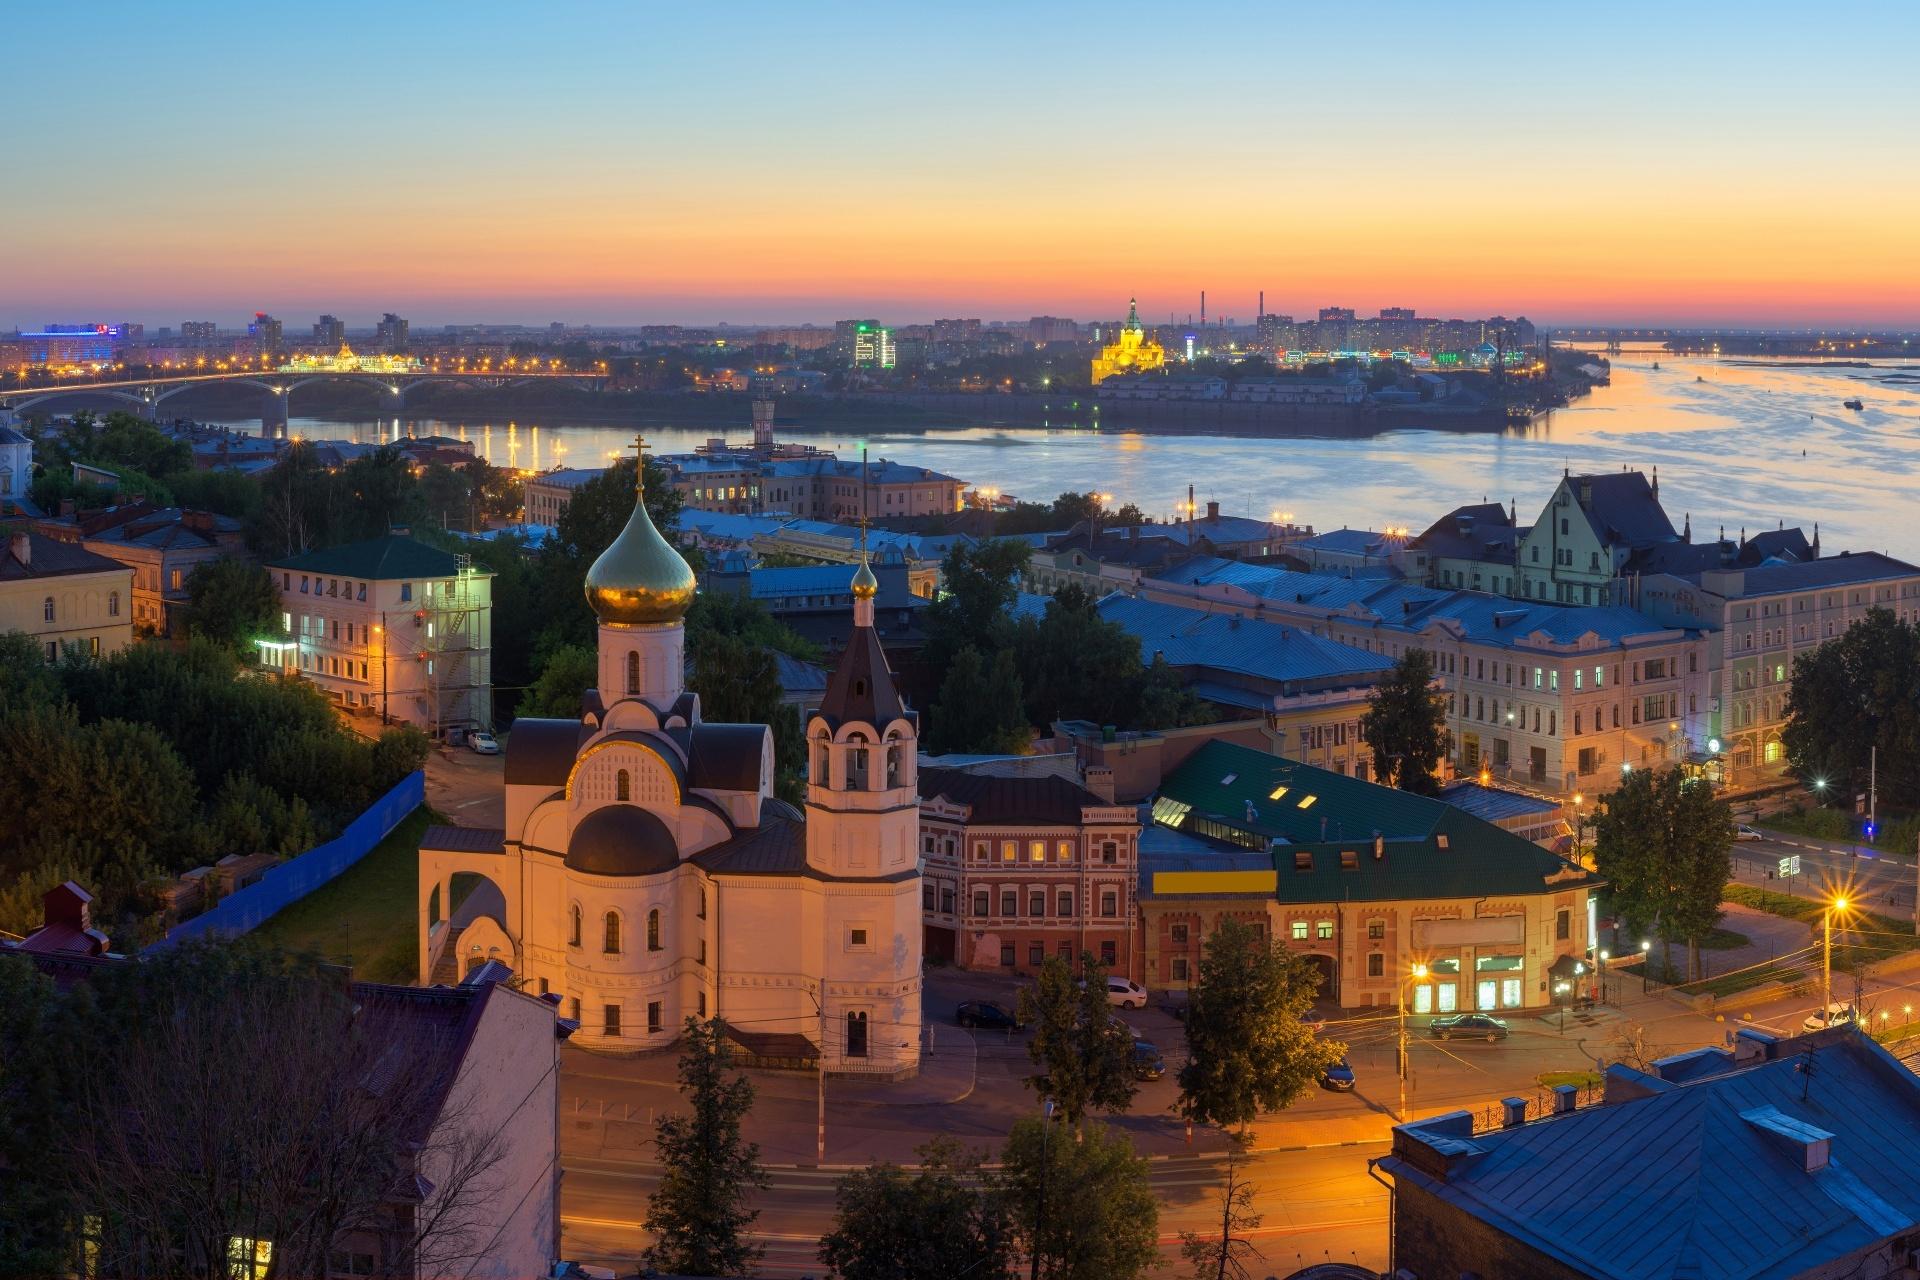 夕暮れ時のニジニ・ノヴゴロドの町並み ロシアの風景